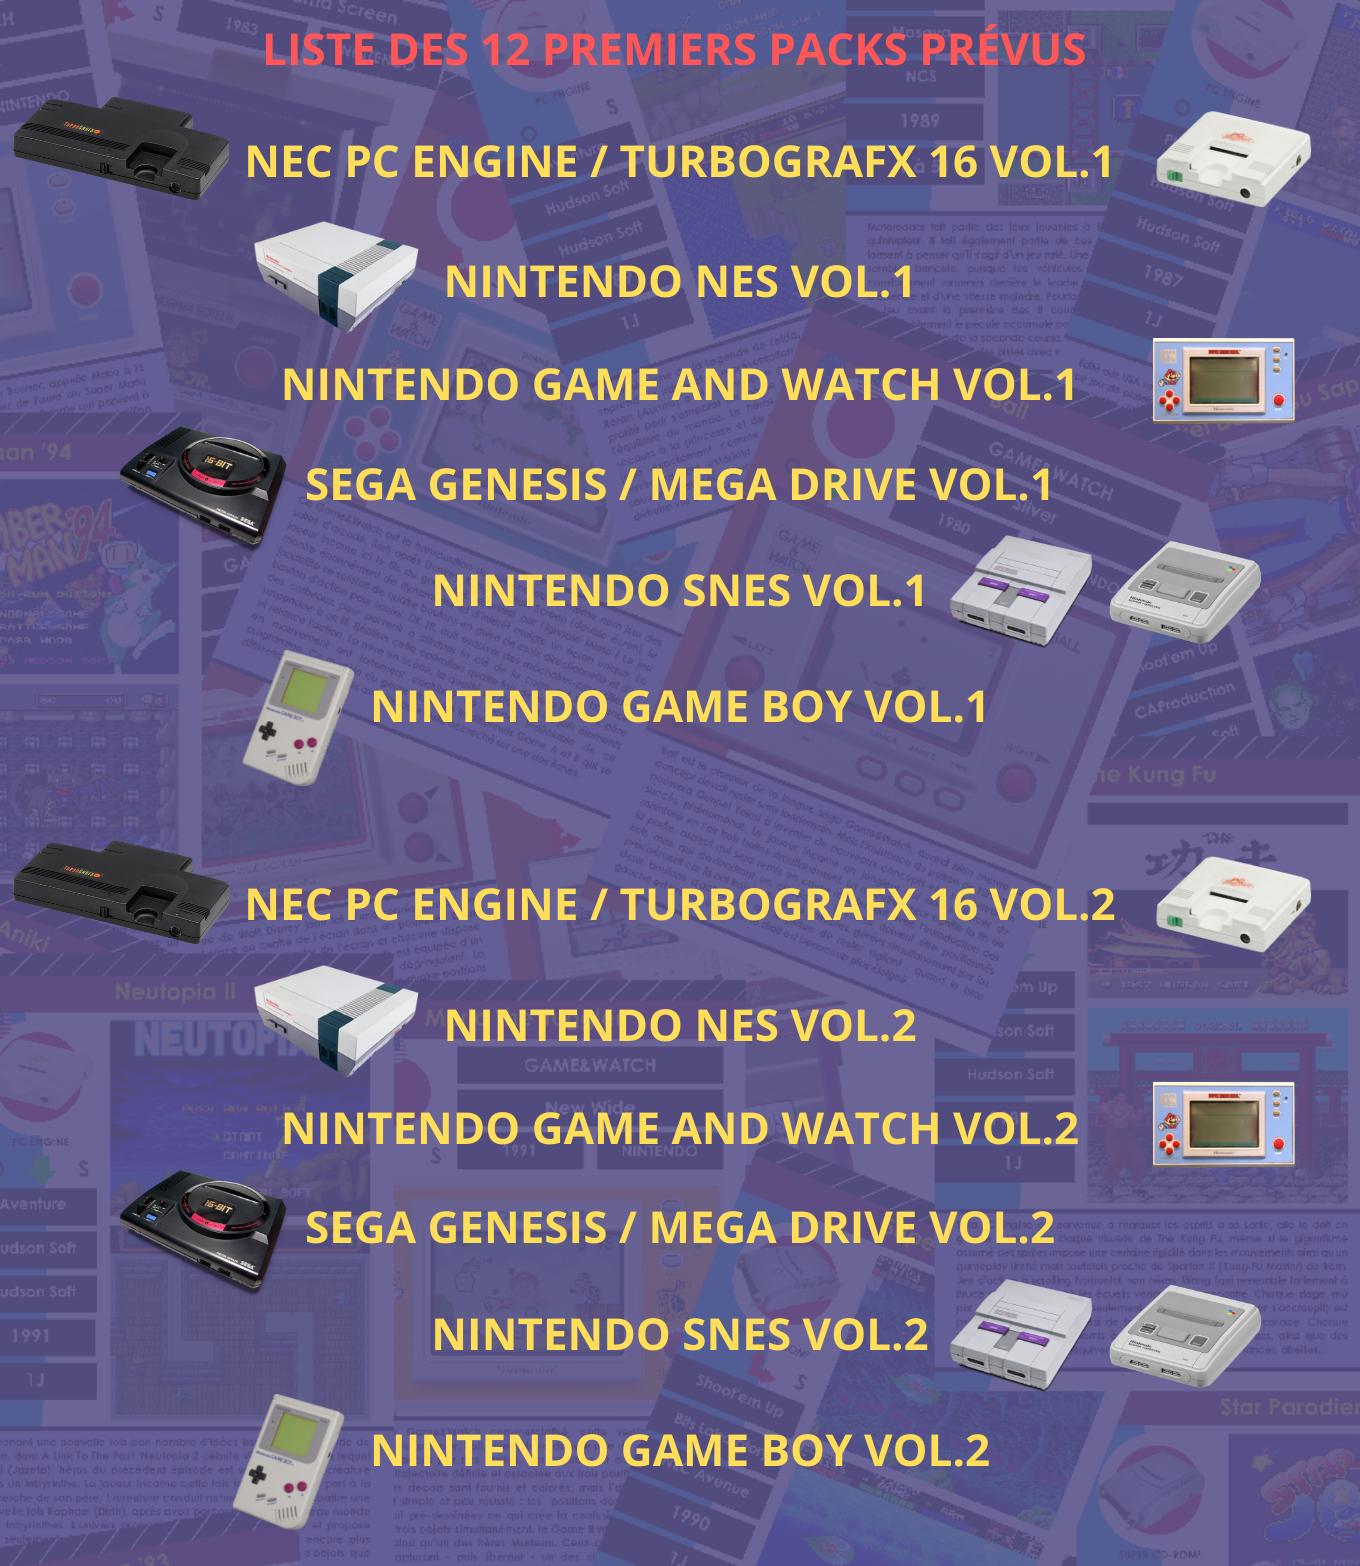 Liste des 12 premiers packs de l'encyclopédie du jeu vidéo